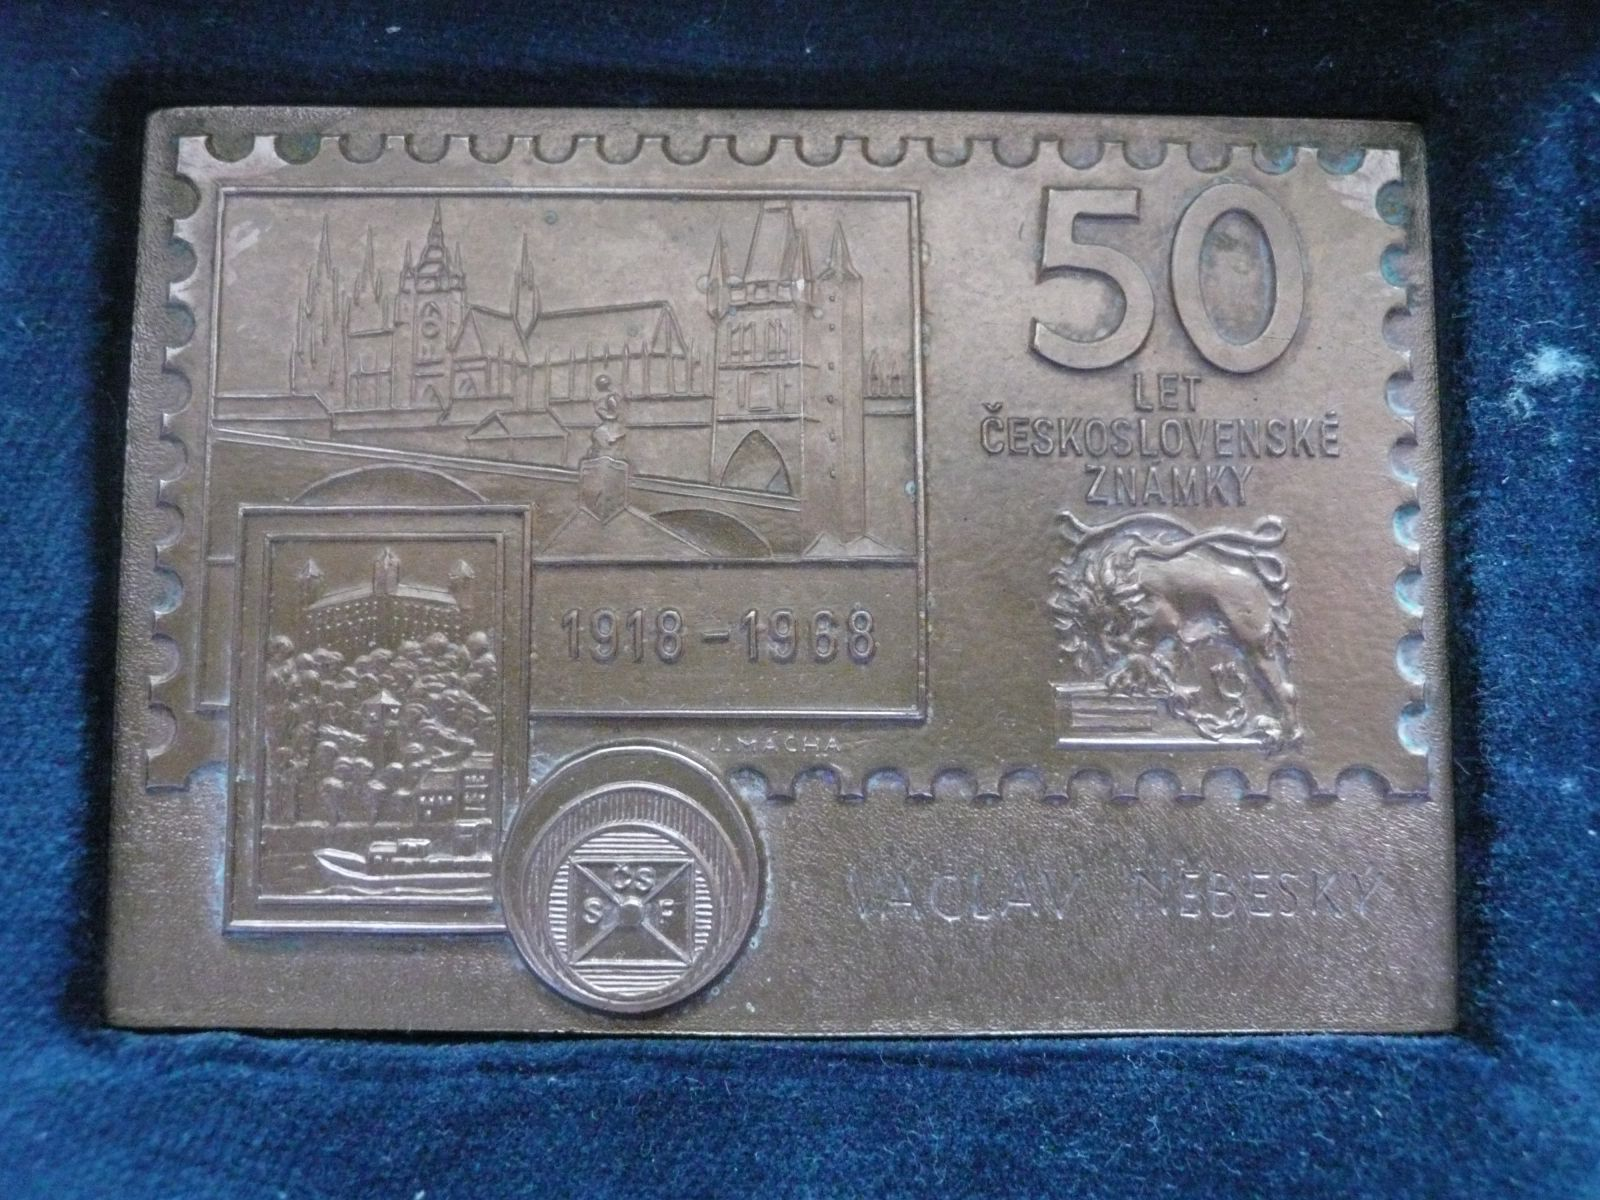 50 let poštovní známky + etue + certifikat, ČSR